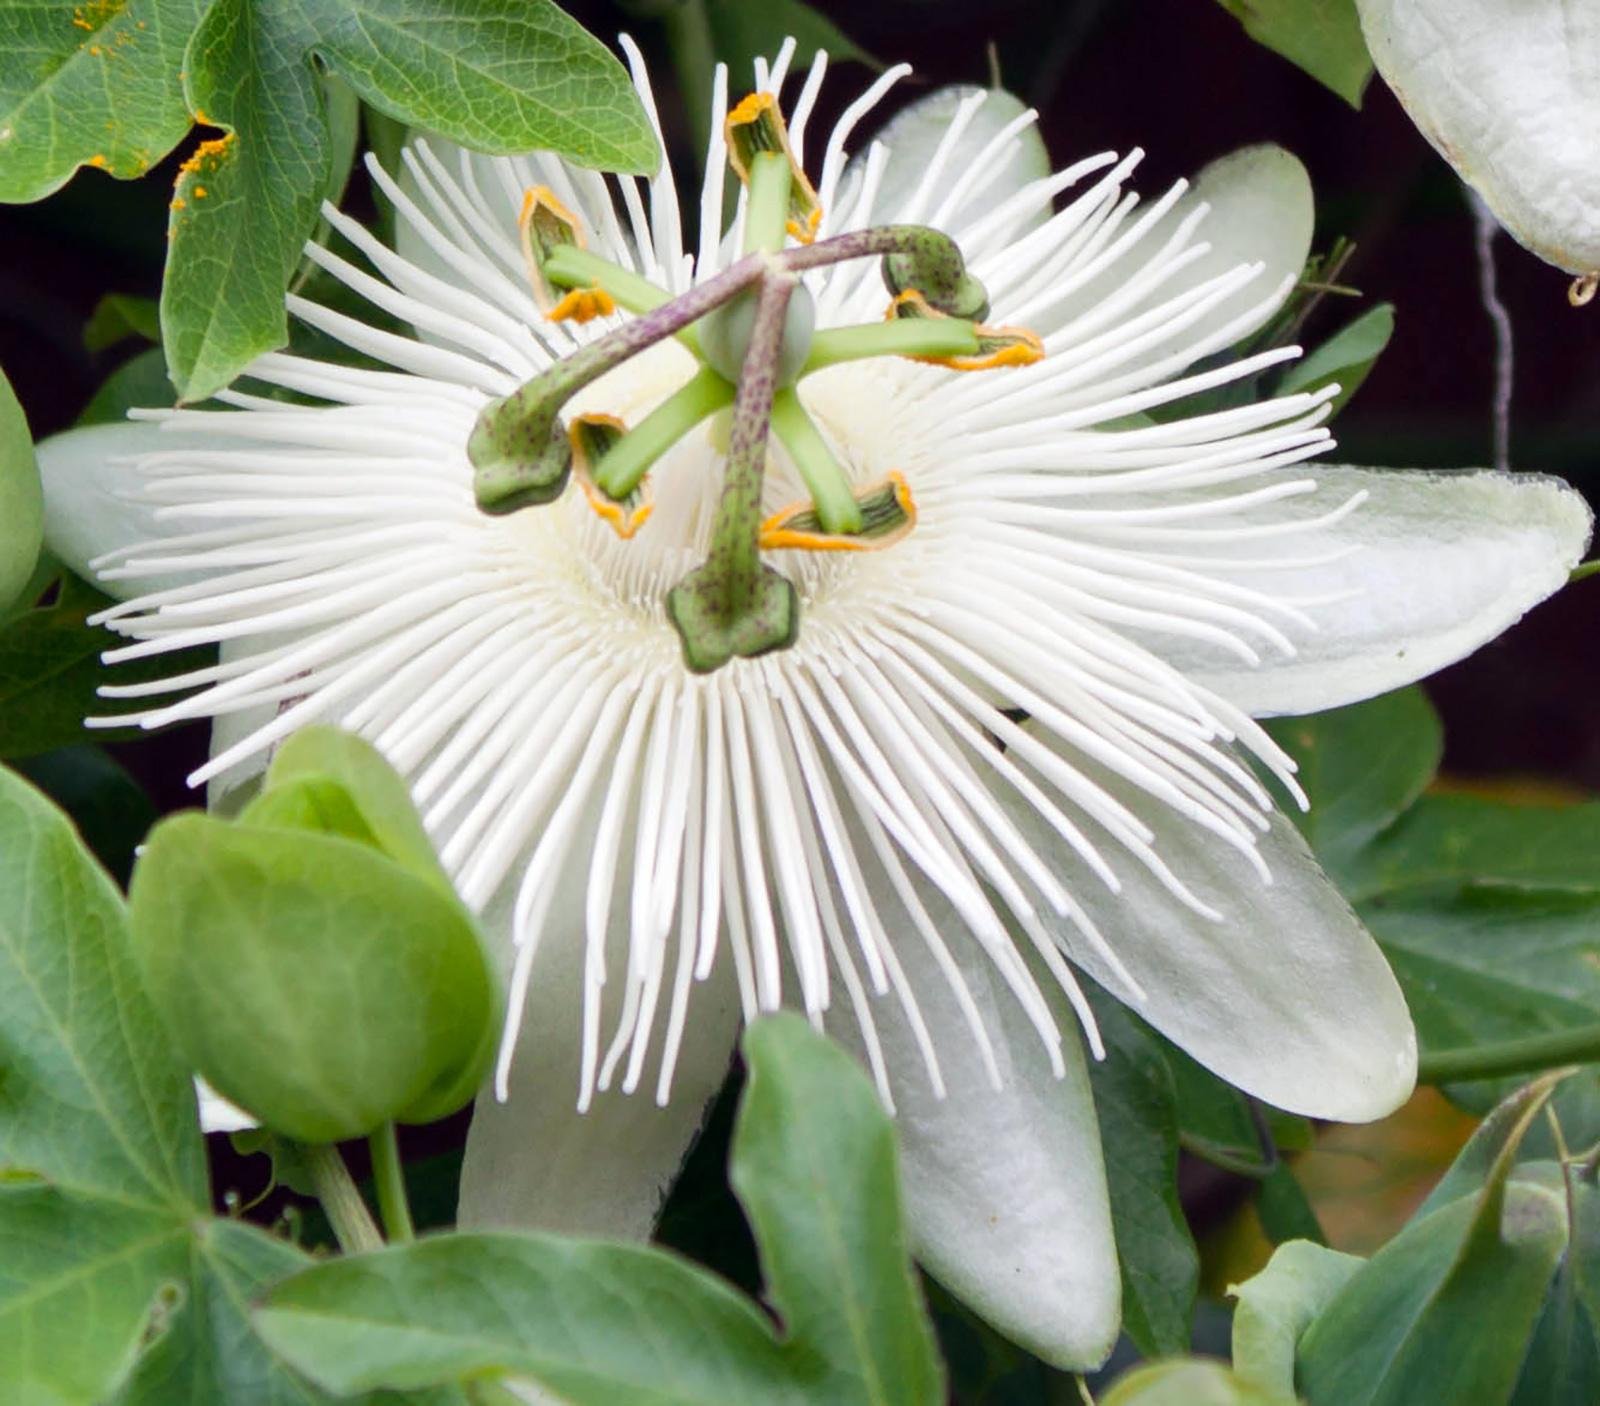 Vijoklinė gėlė pasiflora constance Eliott